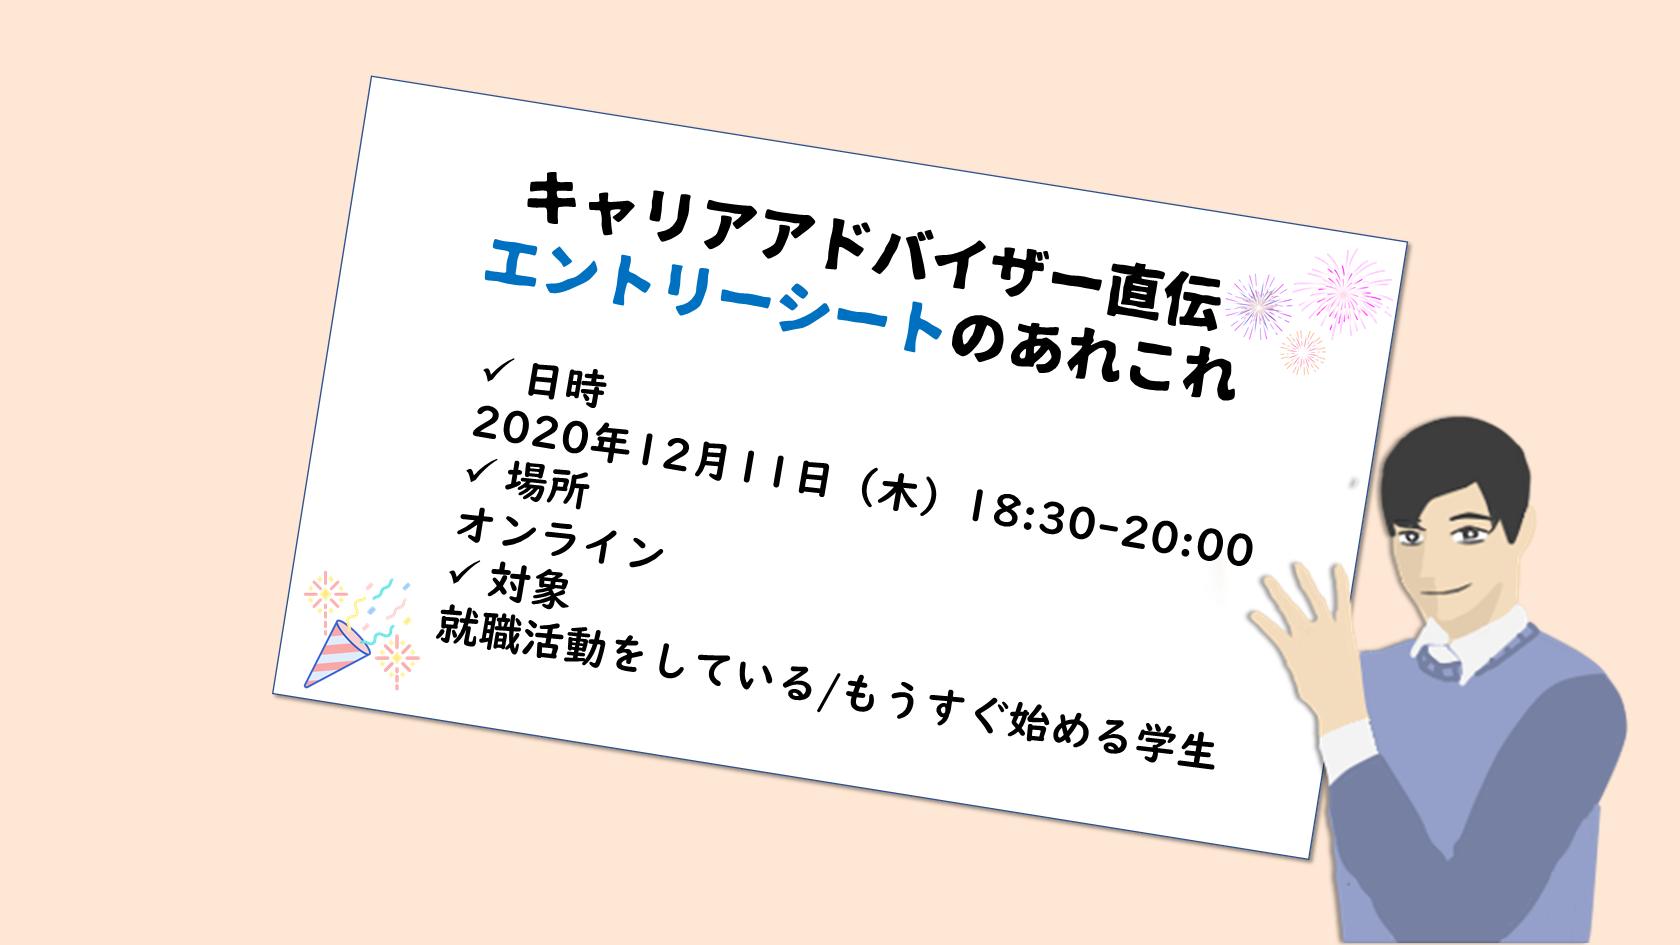 ★イベント情報★ES(エントリーシート)添削イベント 2020月12月10日(木)